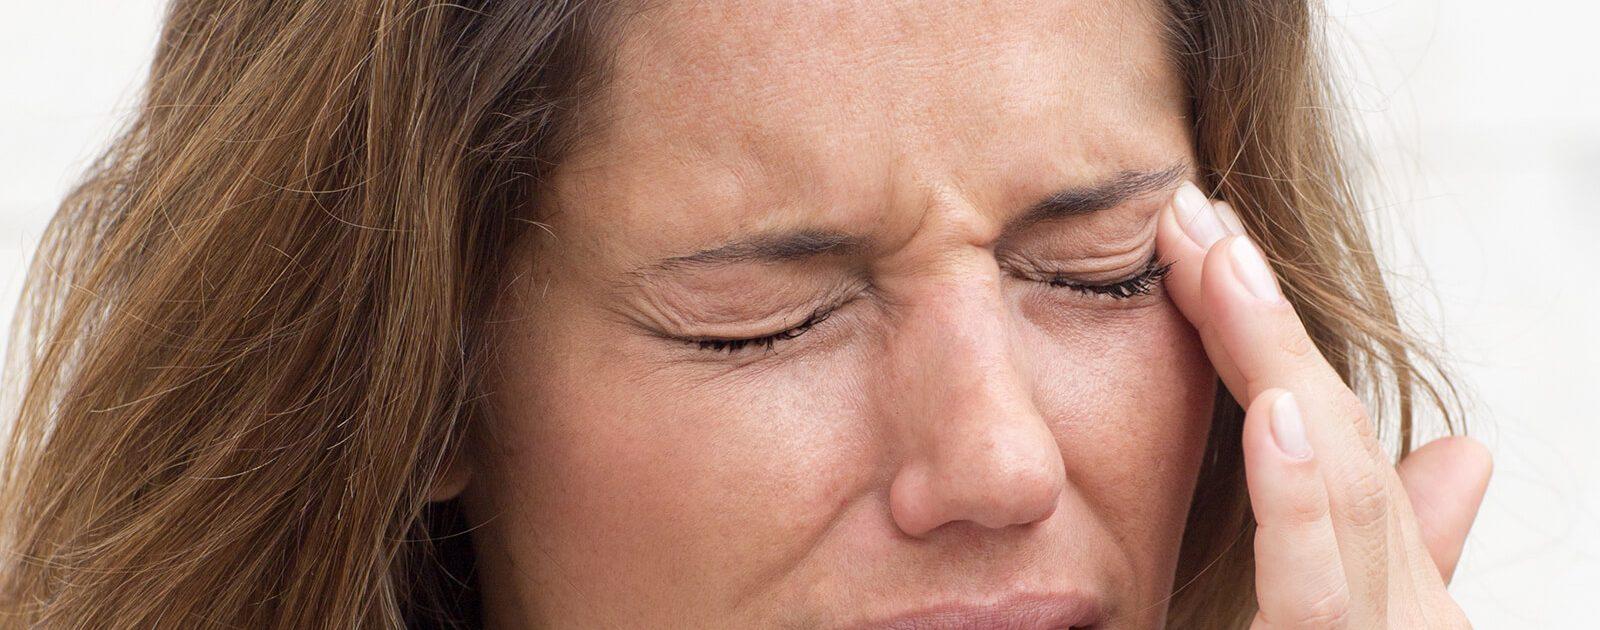 Stechen und Druck im Auge: Frau mit Schmerzen im Auge